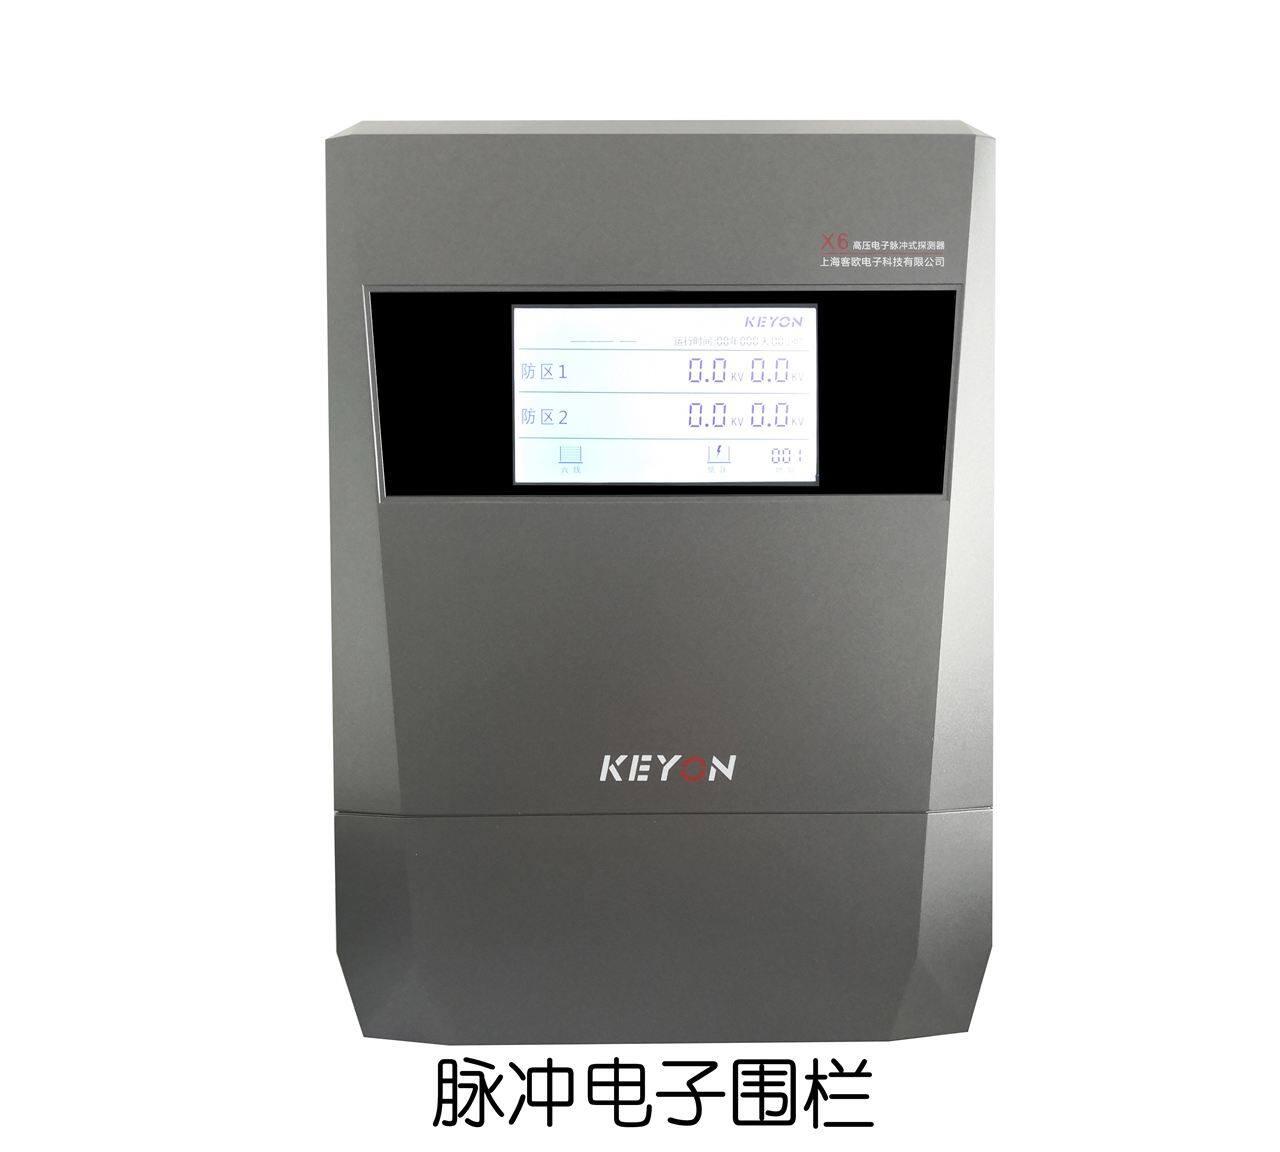 上海客欧安防-脉冲电子围栏-周界报警产品